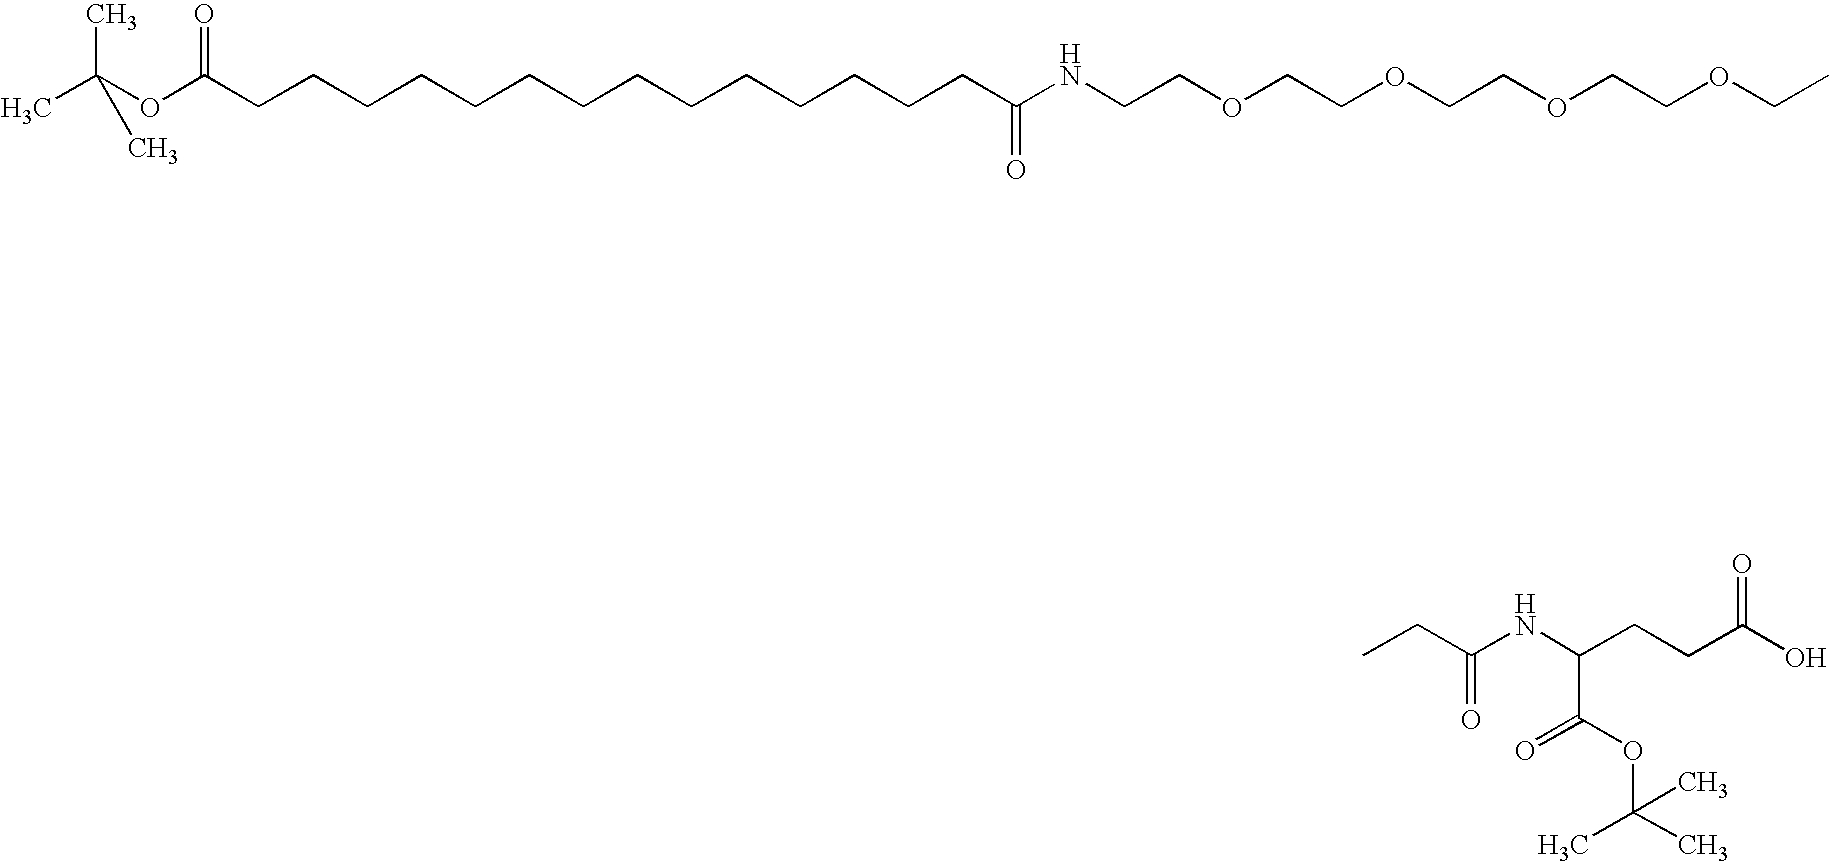 Figure US20100227796A1-20100909-C00026